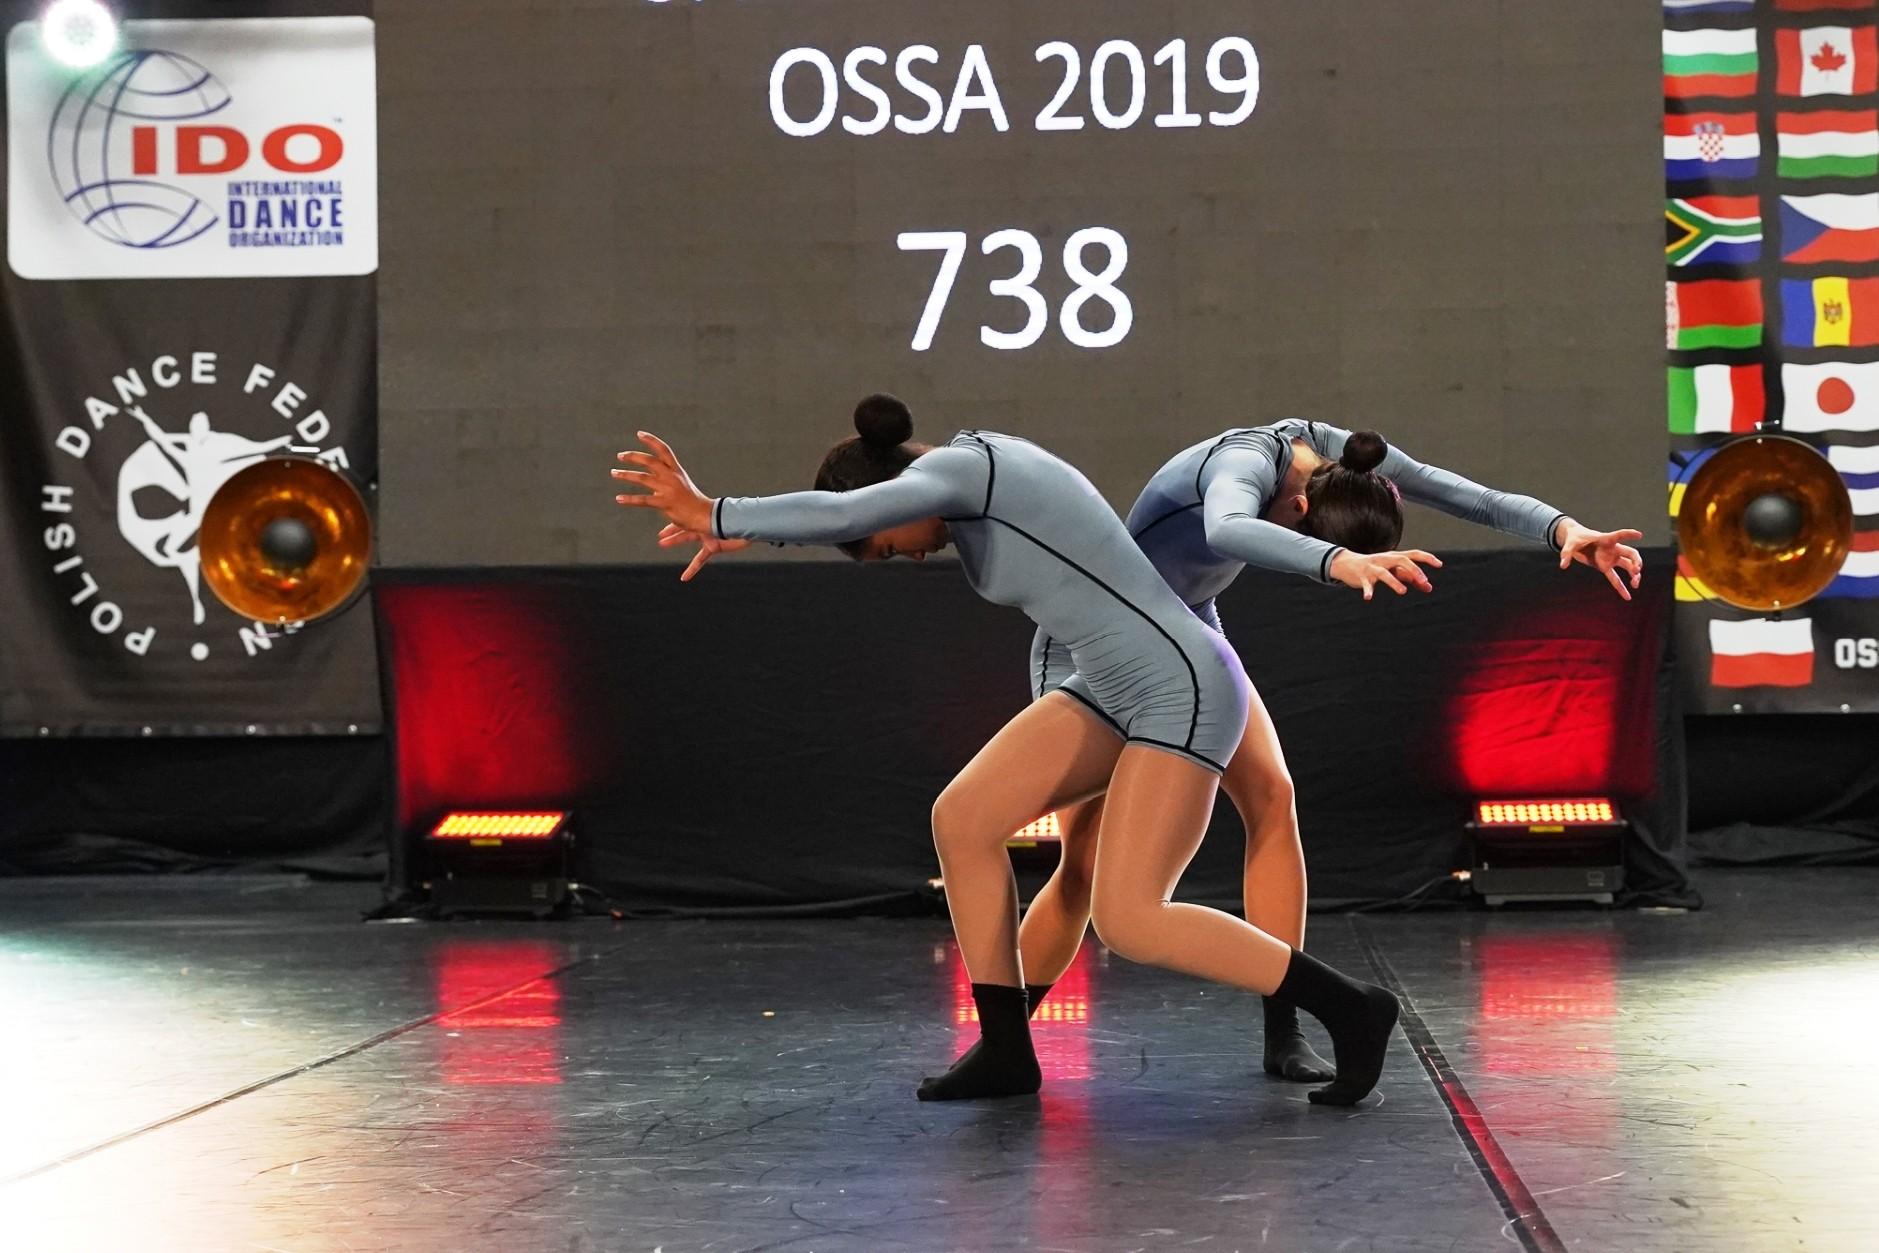 ido modern dans dünya Şampiyonası BODRUMLU DANSÇILAR DÜNYA ŞAMPİYONASINDAN DÖNDÜ… modern dans bodrum 1